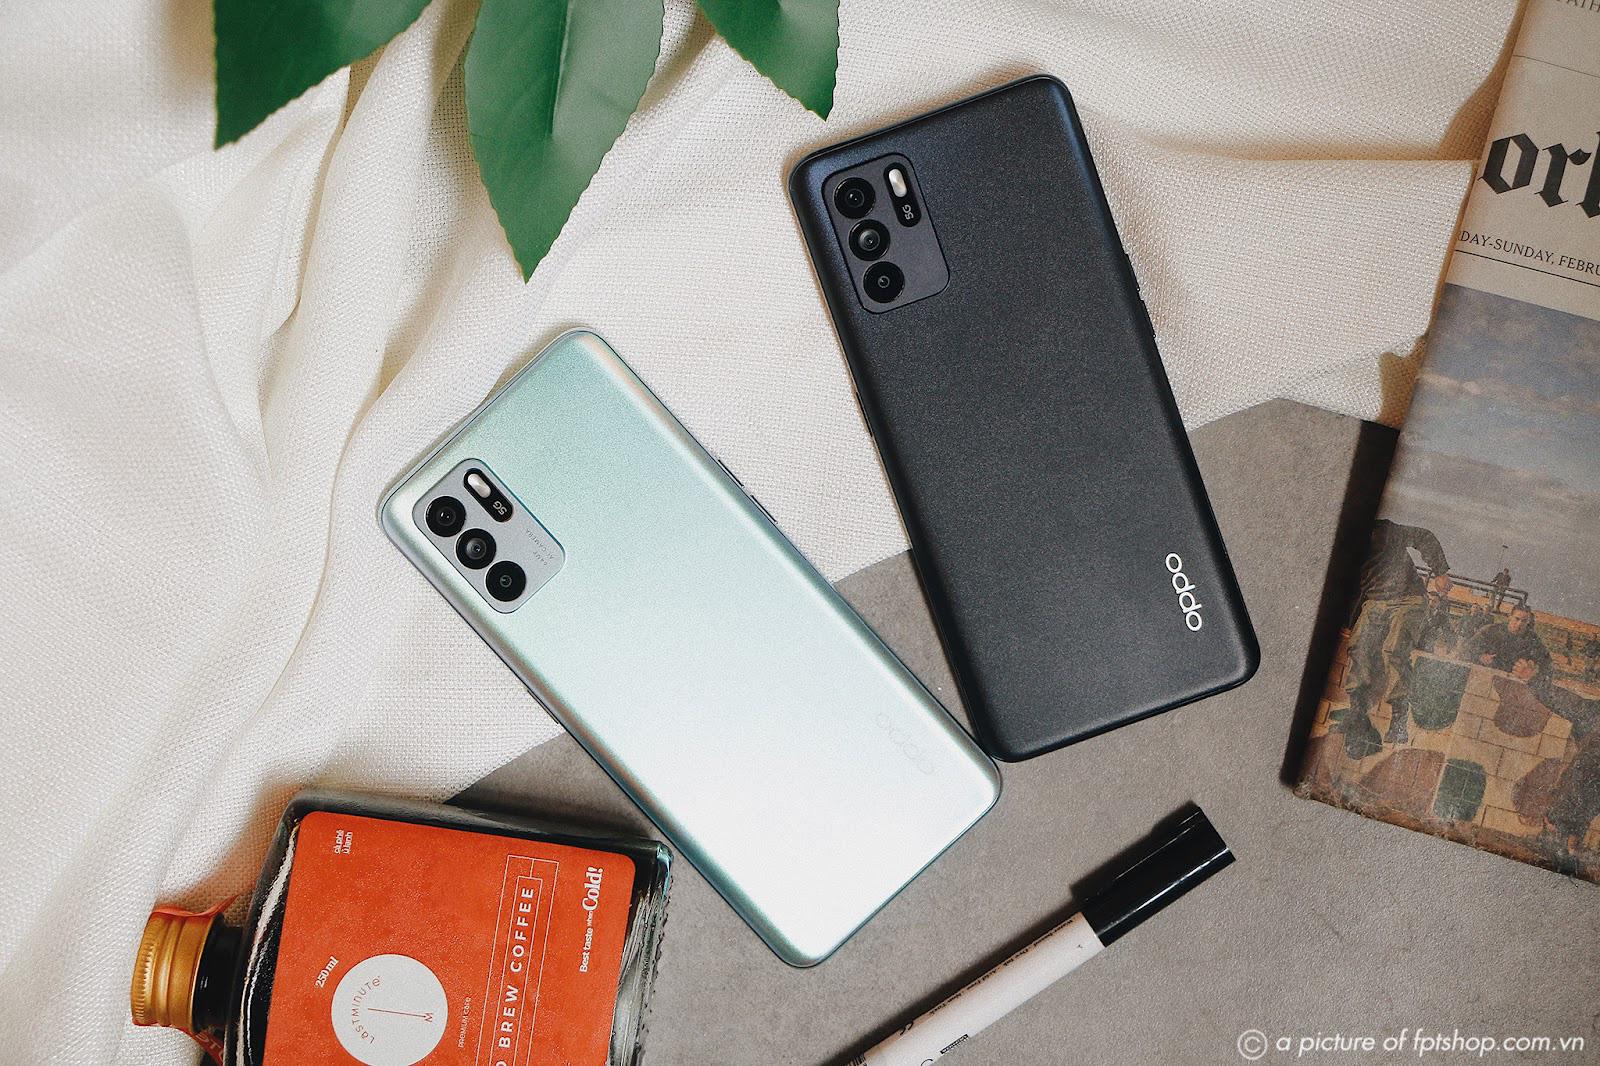 Cùng FPT Shop khám phá chiếc smartphone mà Sơn Tùng M-TP chọn để đón sinh nhật thứ 27 - Ảnh 1.